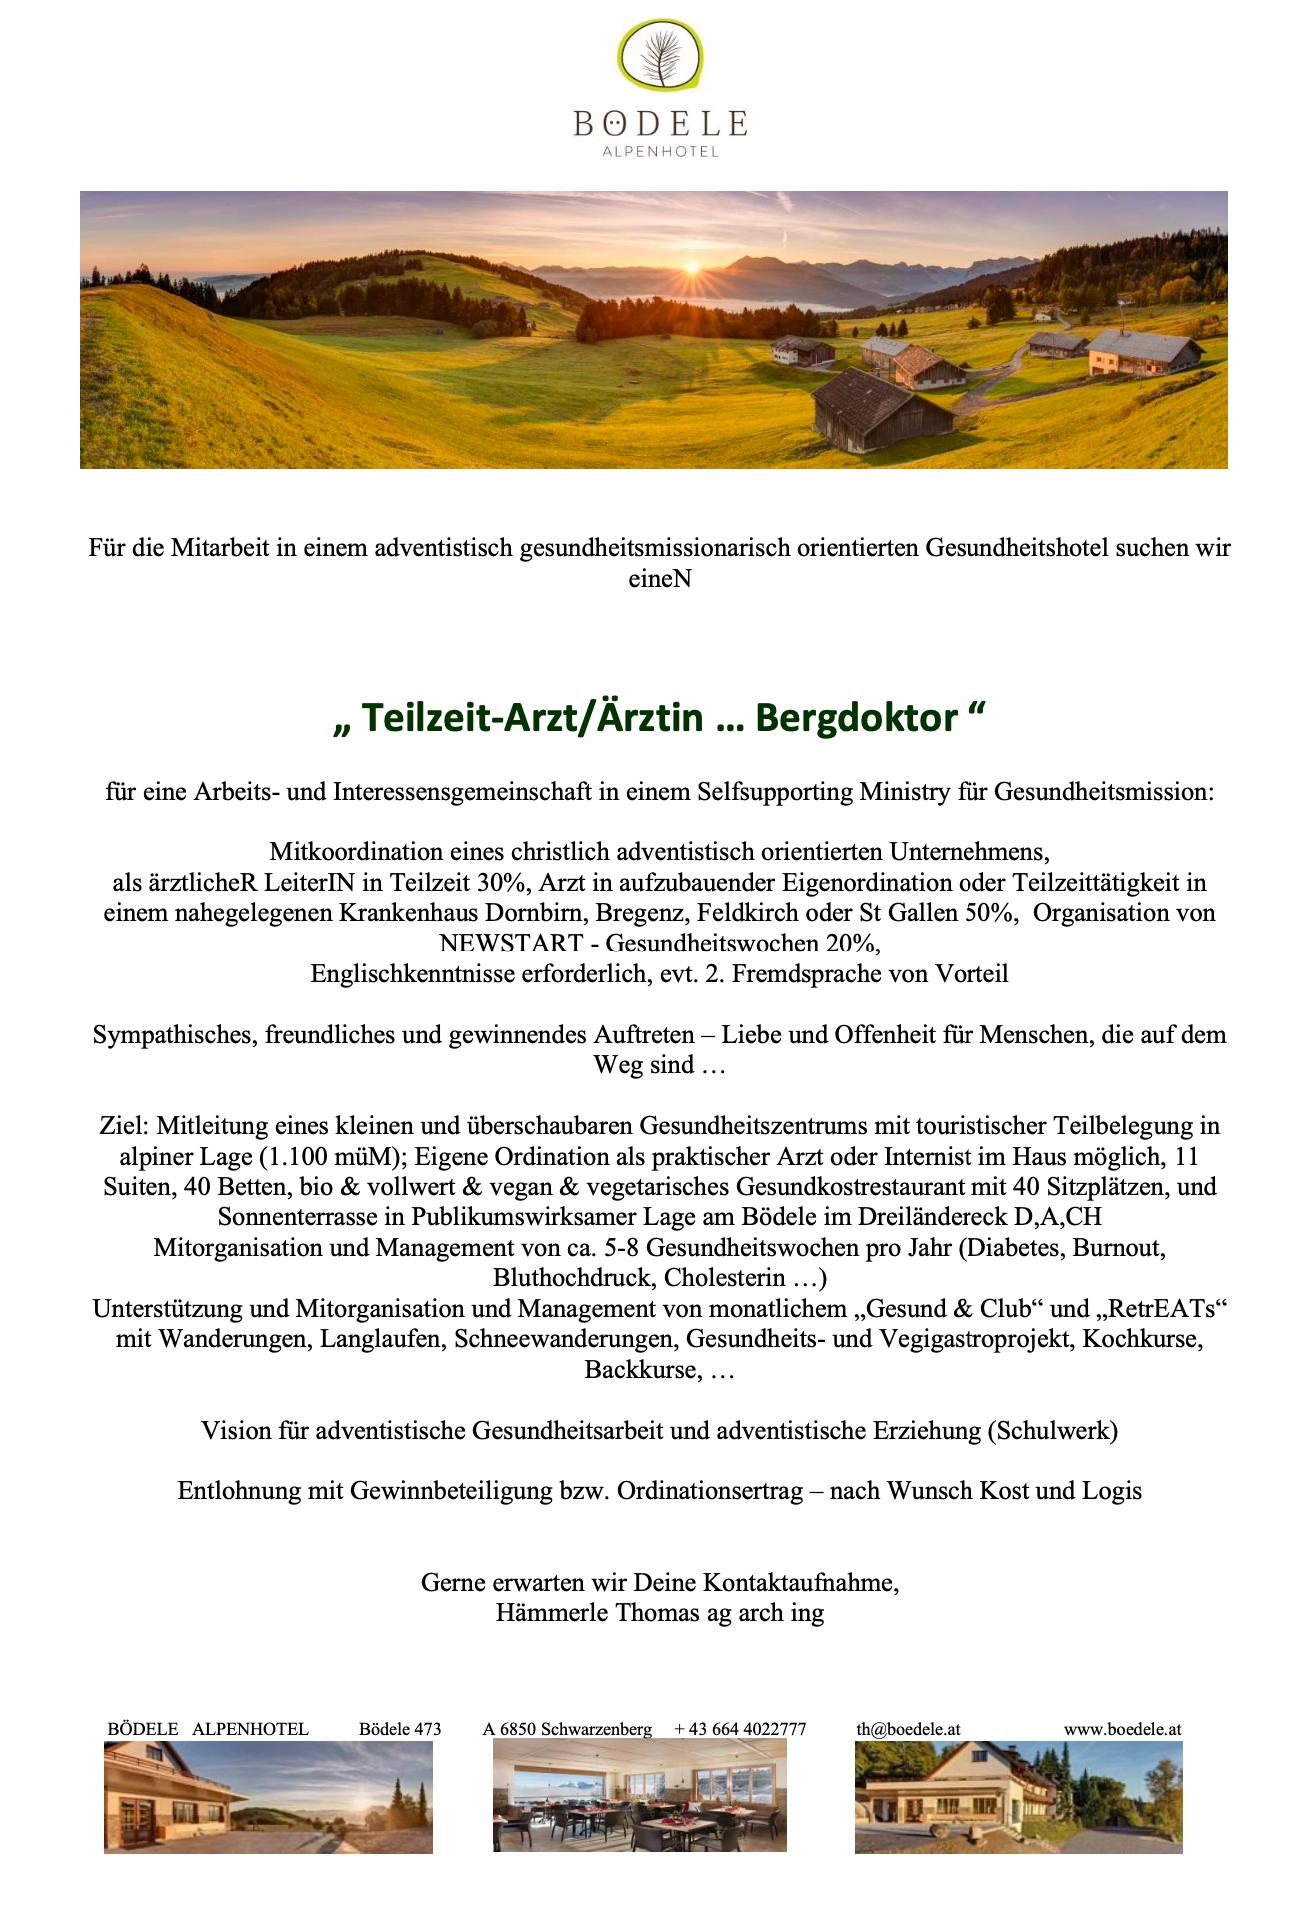 Stellenausschreibung Koch, Arzt, Leiter Rezeption, Bödele Österreich